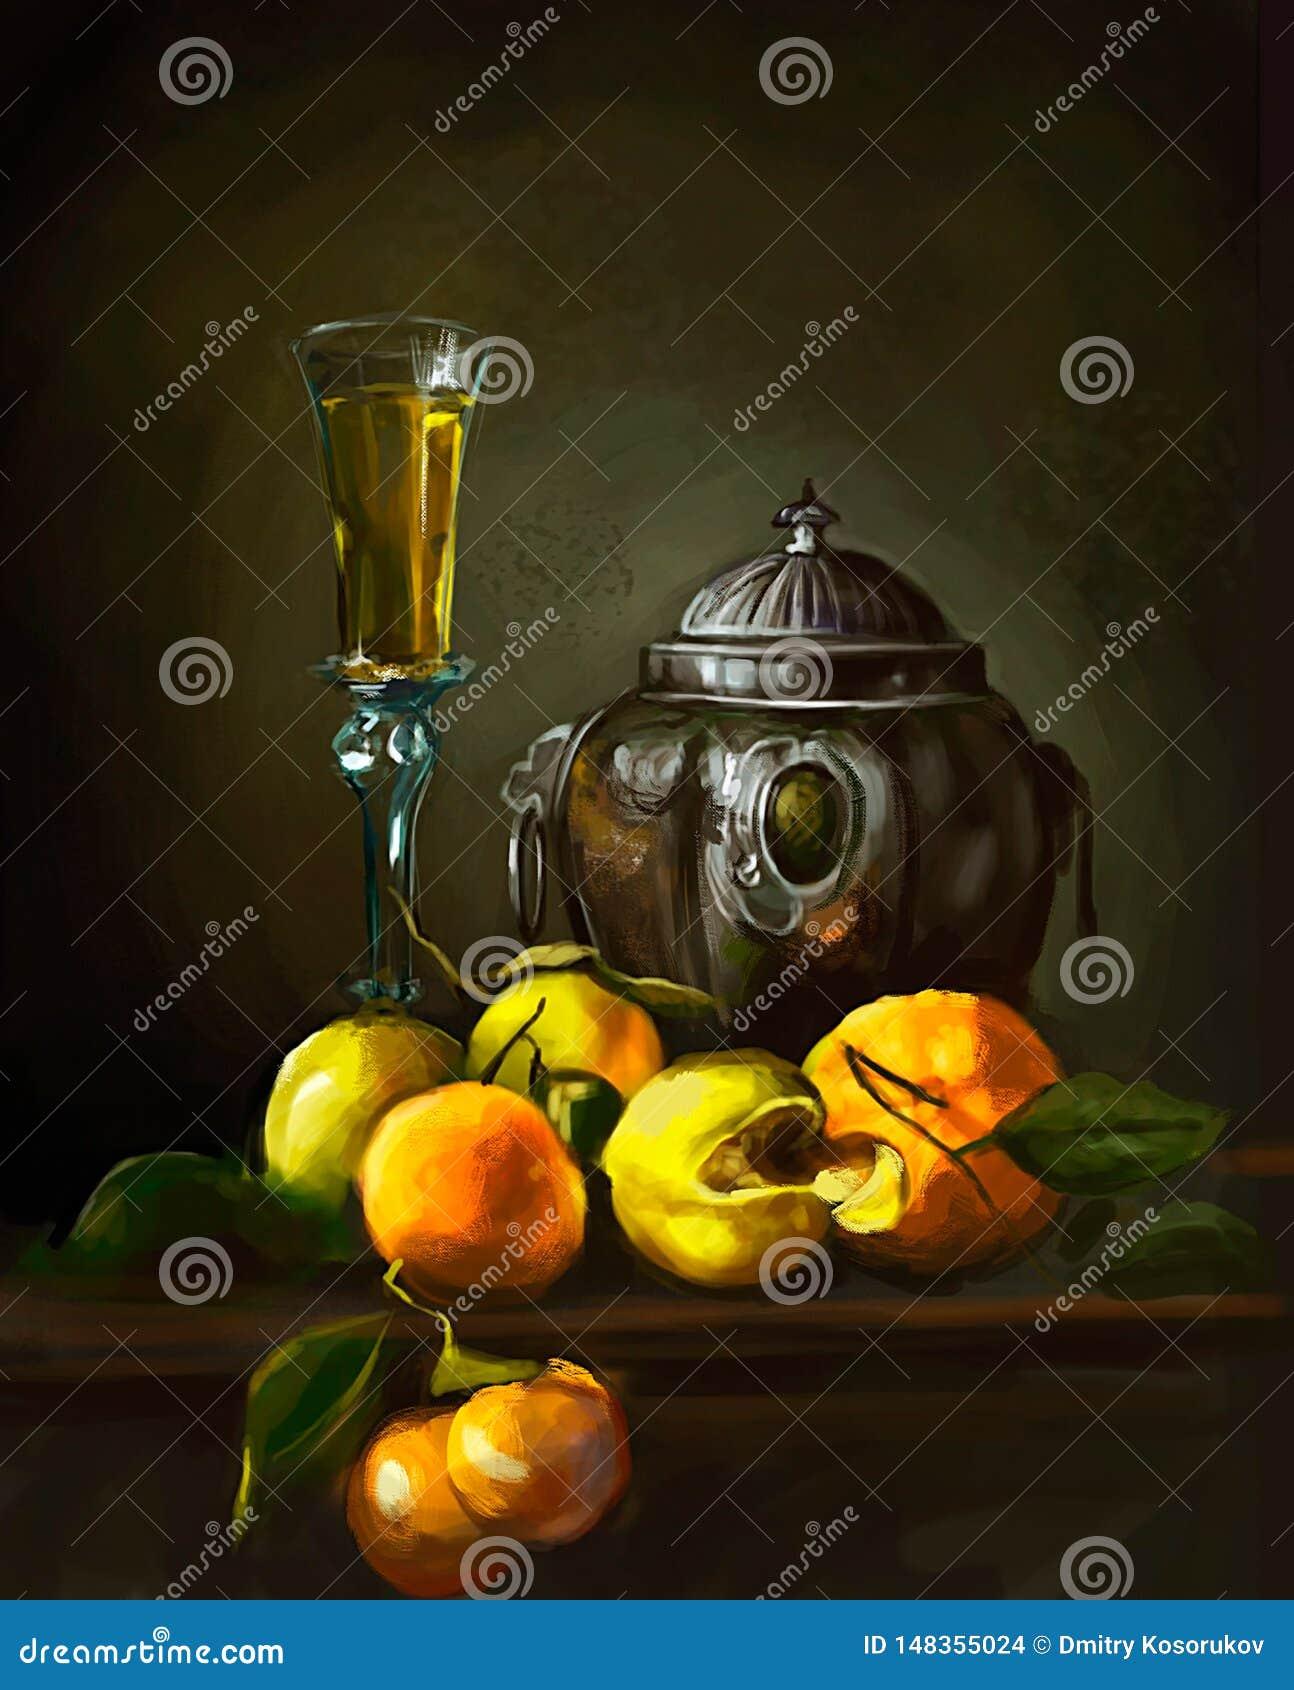 Illustratie van wijn en perziken op de lijst